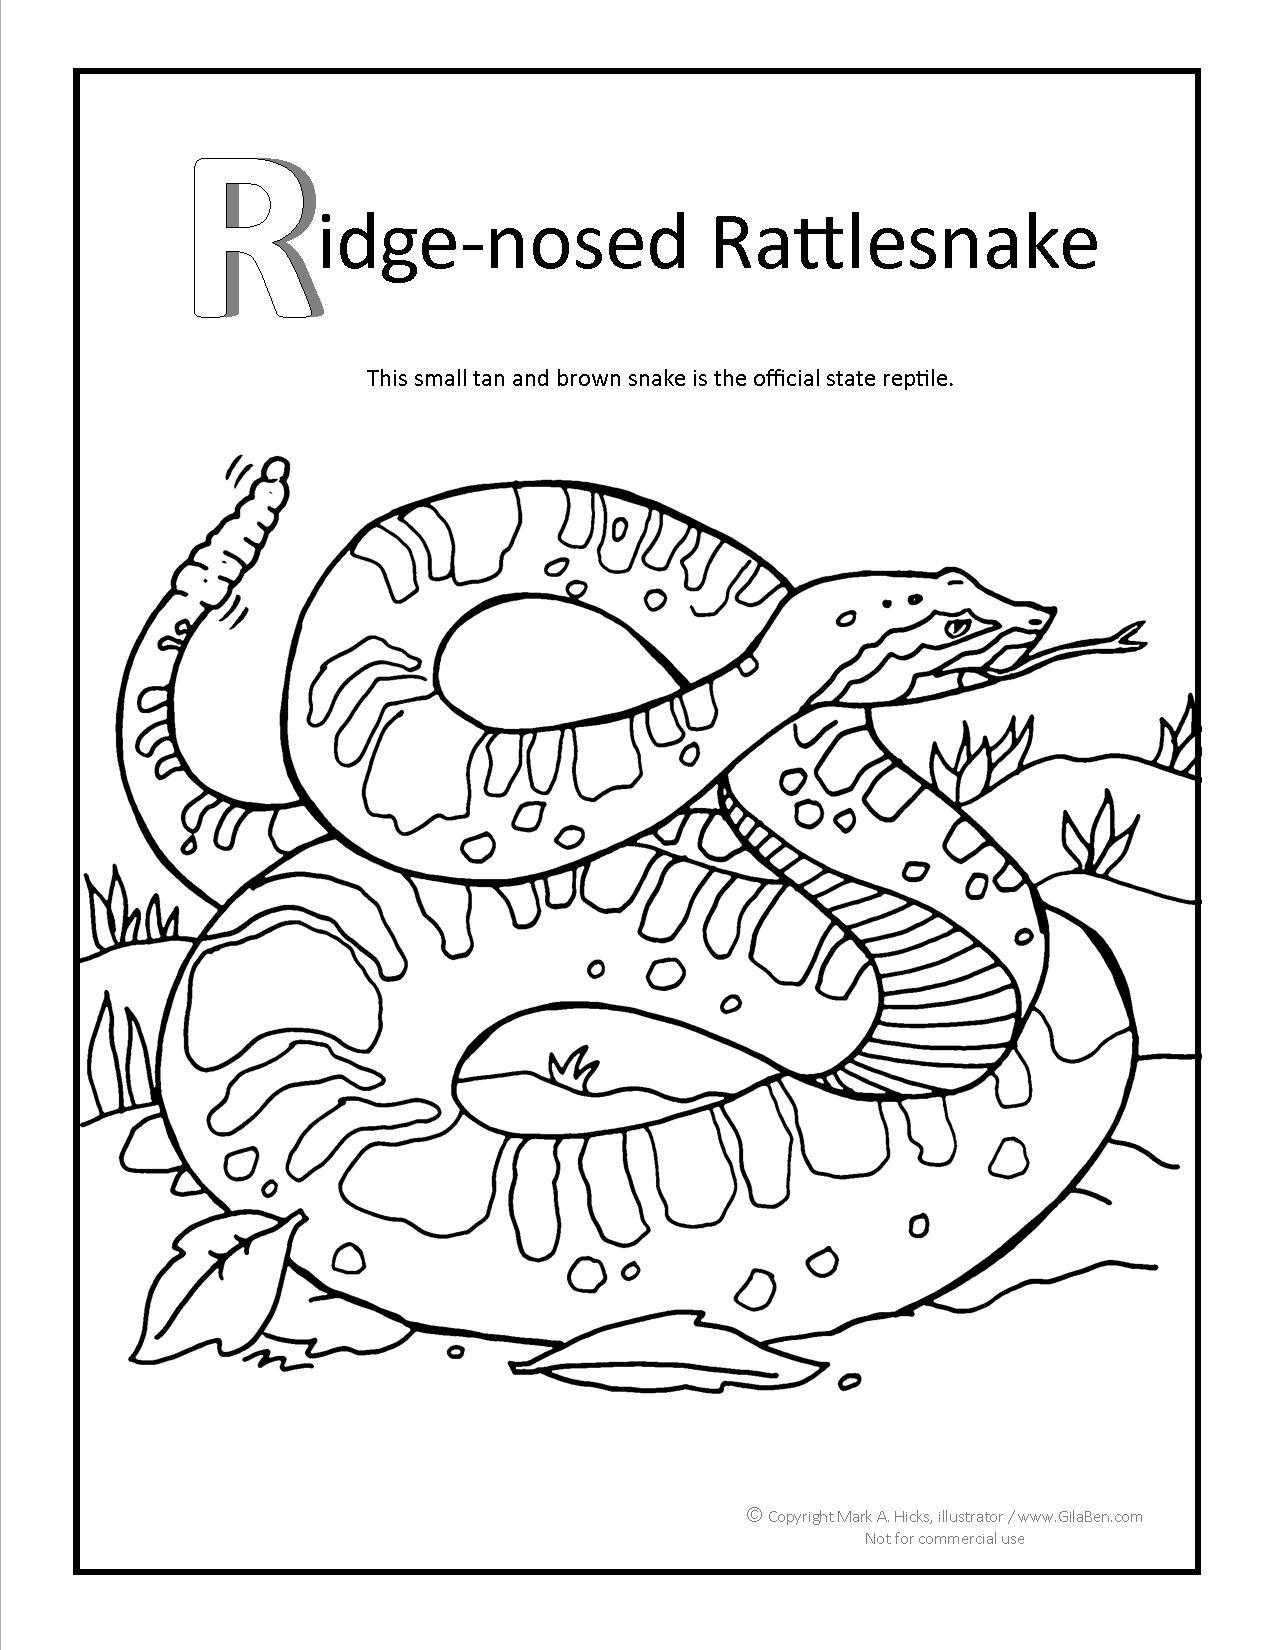 Ridge Nosed Rattlesnake Coloring Page